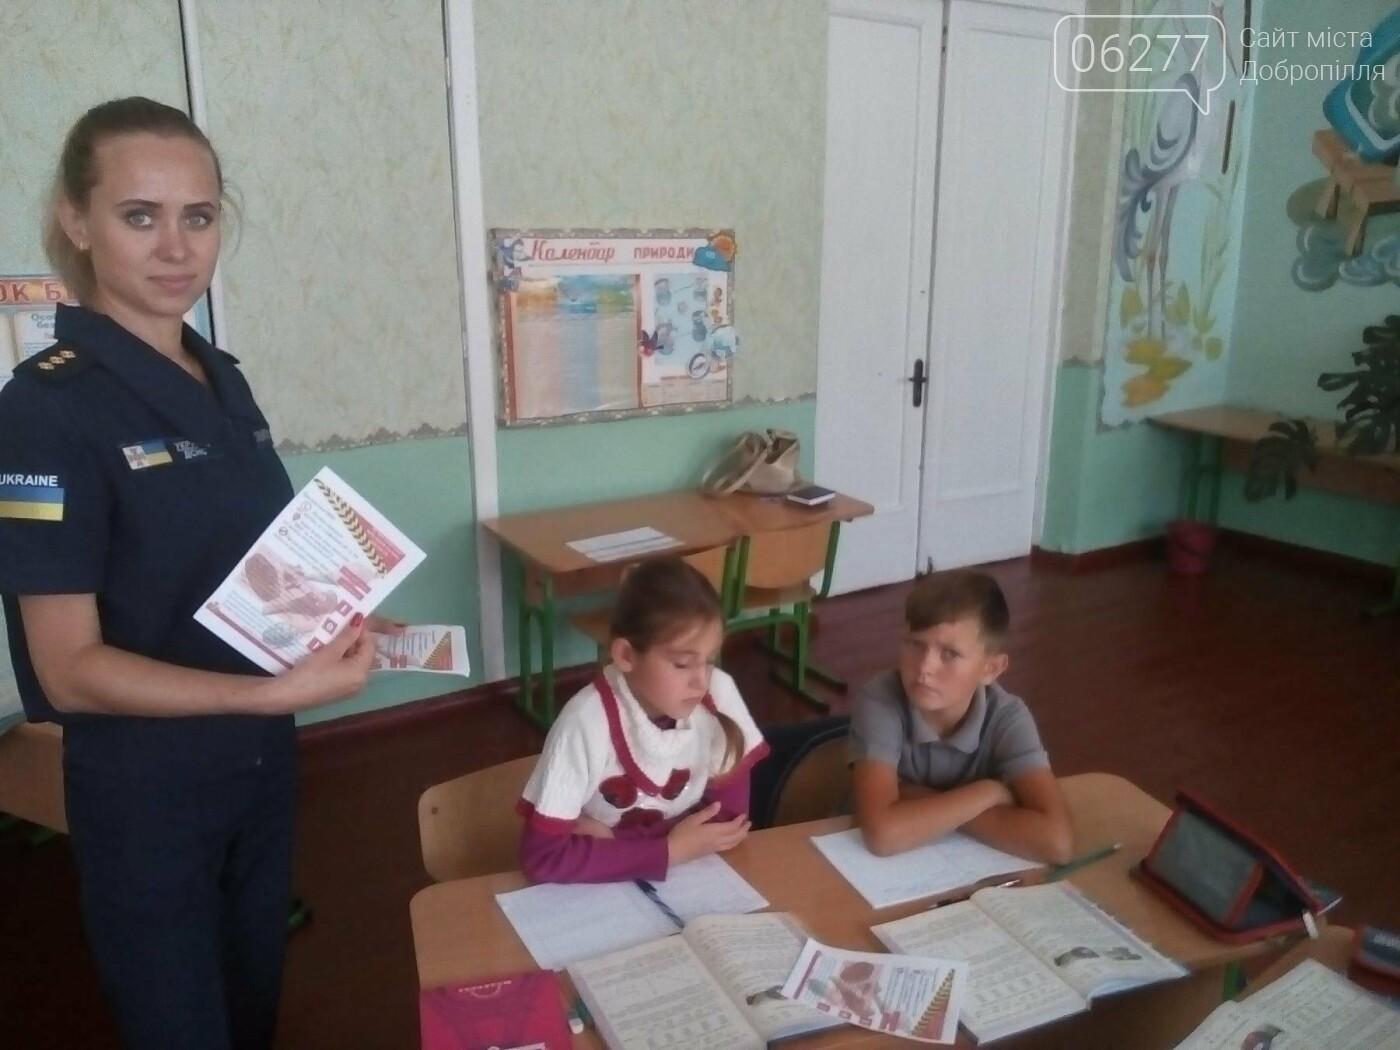 Рятувальники міста Добропілля вчили школярів, як діяти при виявленні вибухонебезпечного предмету, фото-1